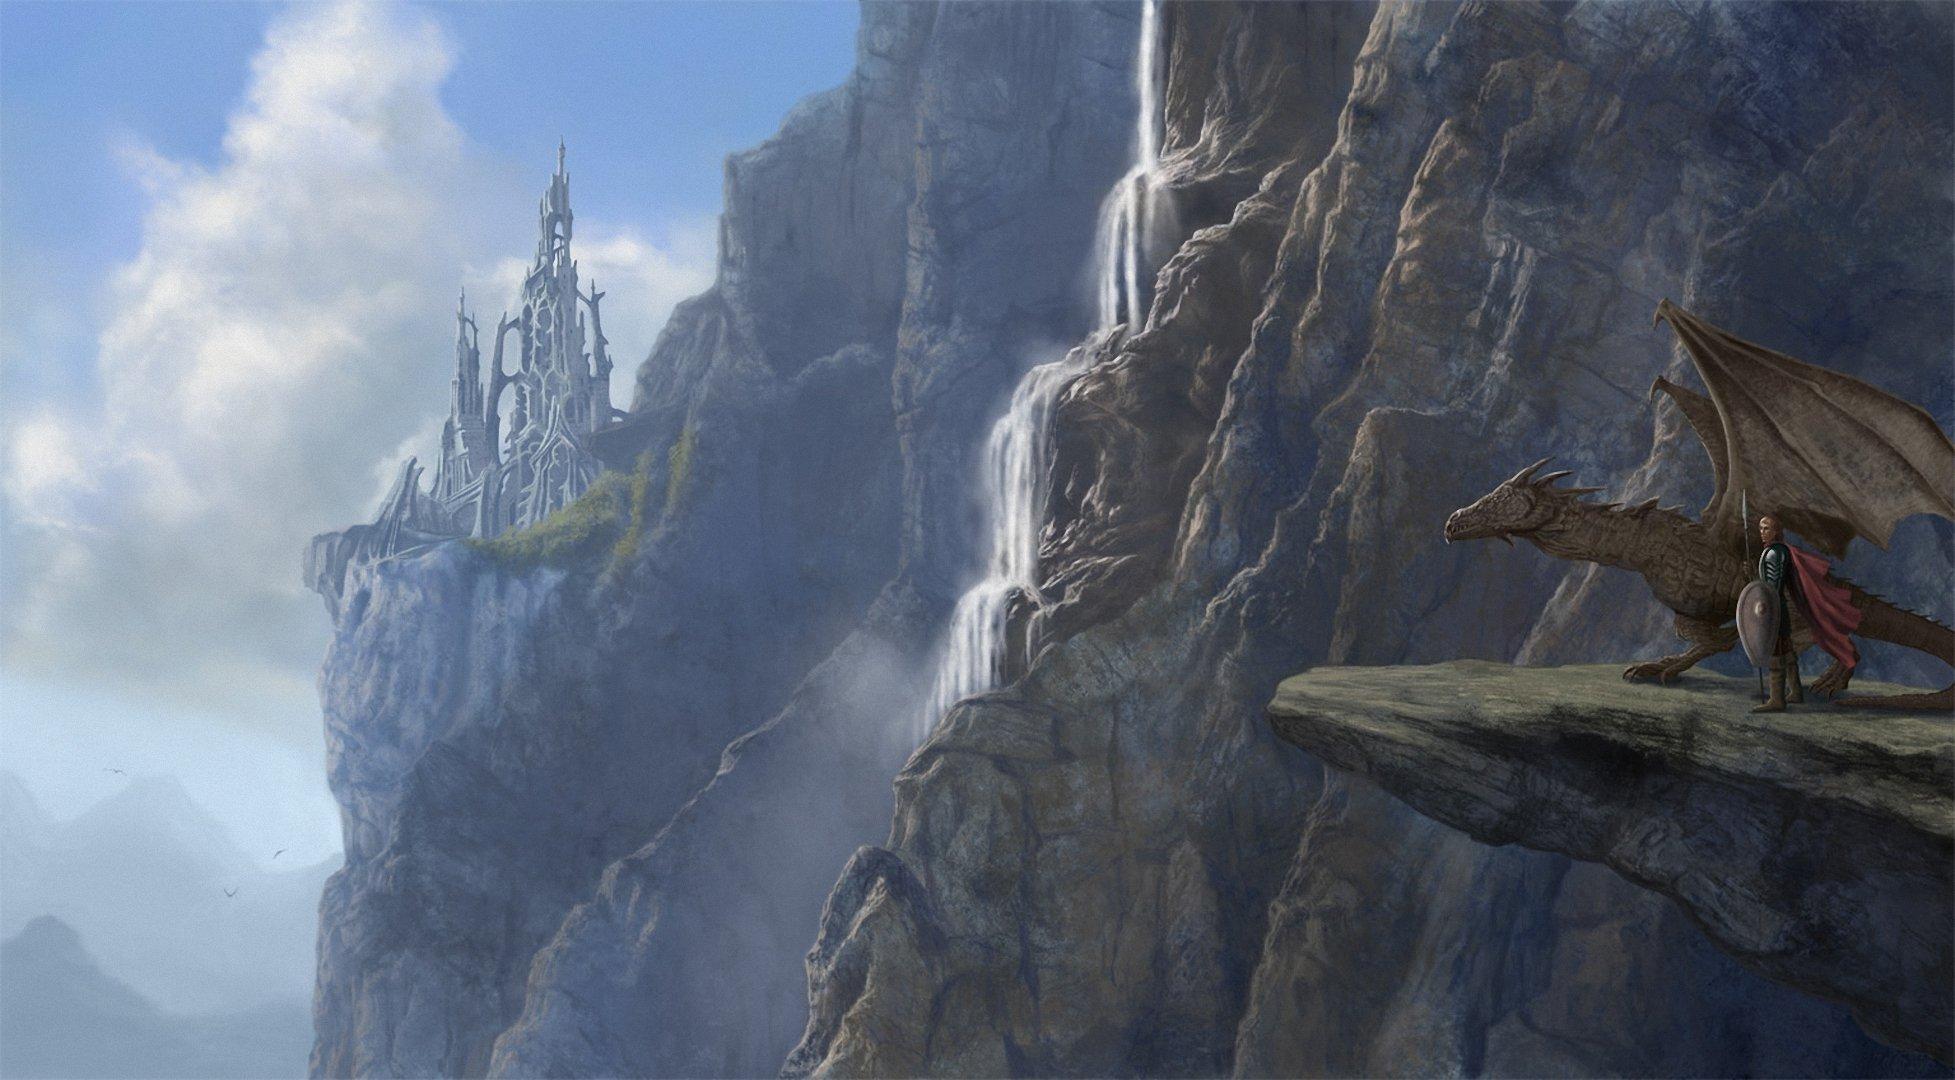 замок крепость обрыв туман скачать